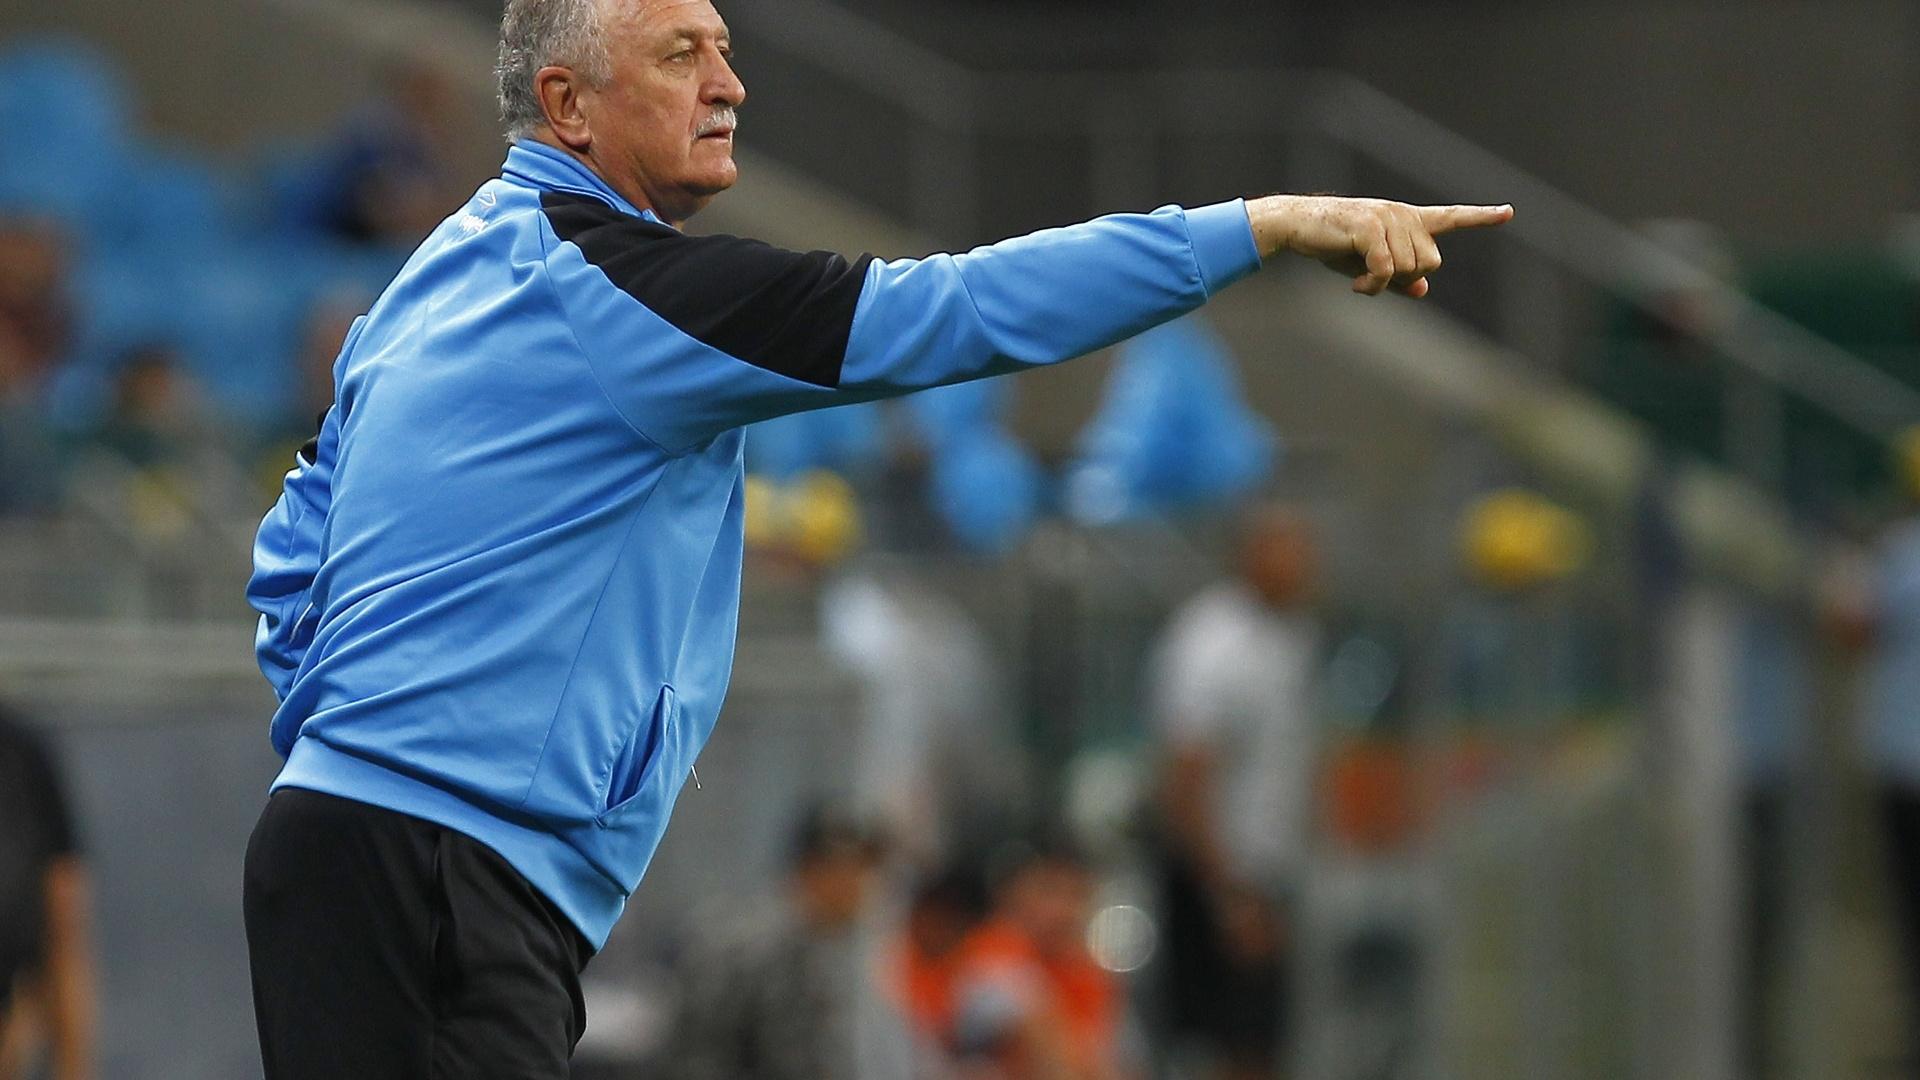 Felipão orienta os jogadores na partida entre Grêmio e Vitória pelo Brasileirão